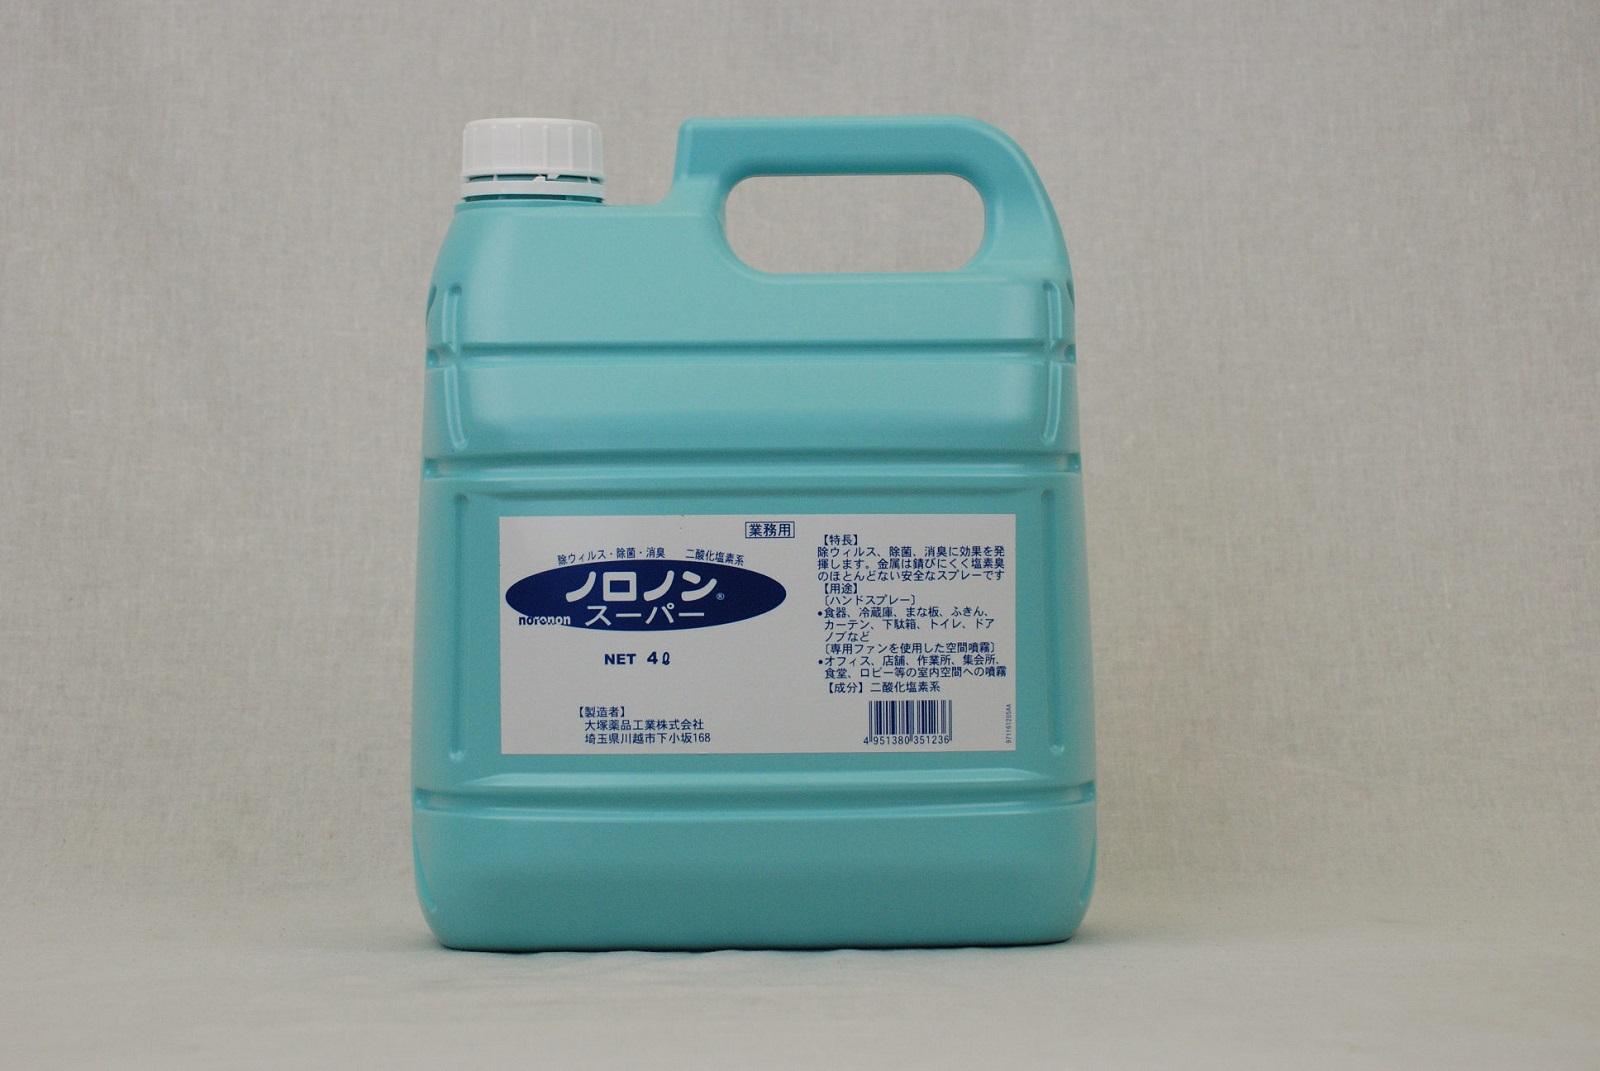 大塚薬品工業 ノロノンスーパー 4L 【ノロウイルス対策】 【インフルエンザ対策】